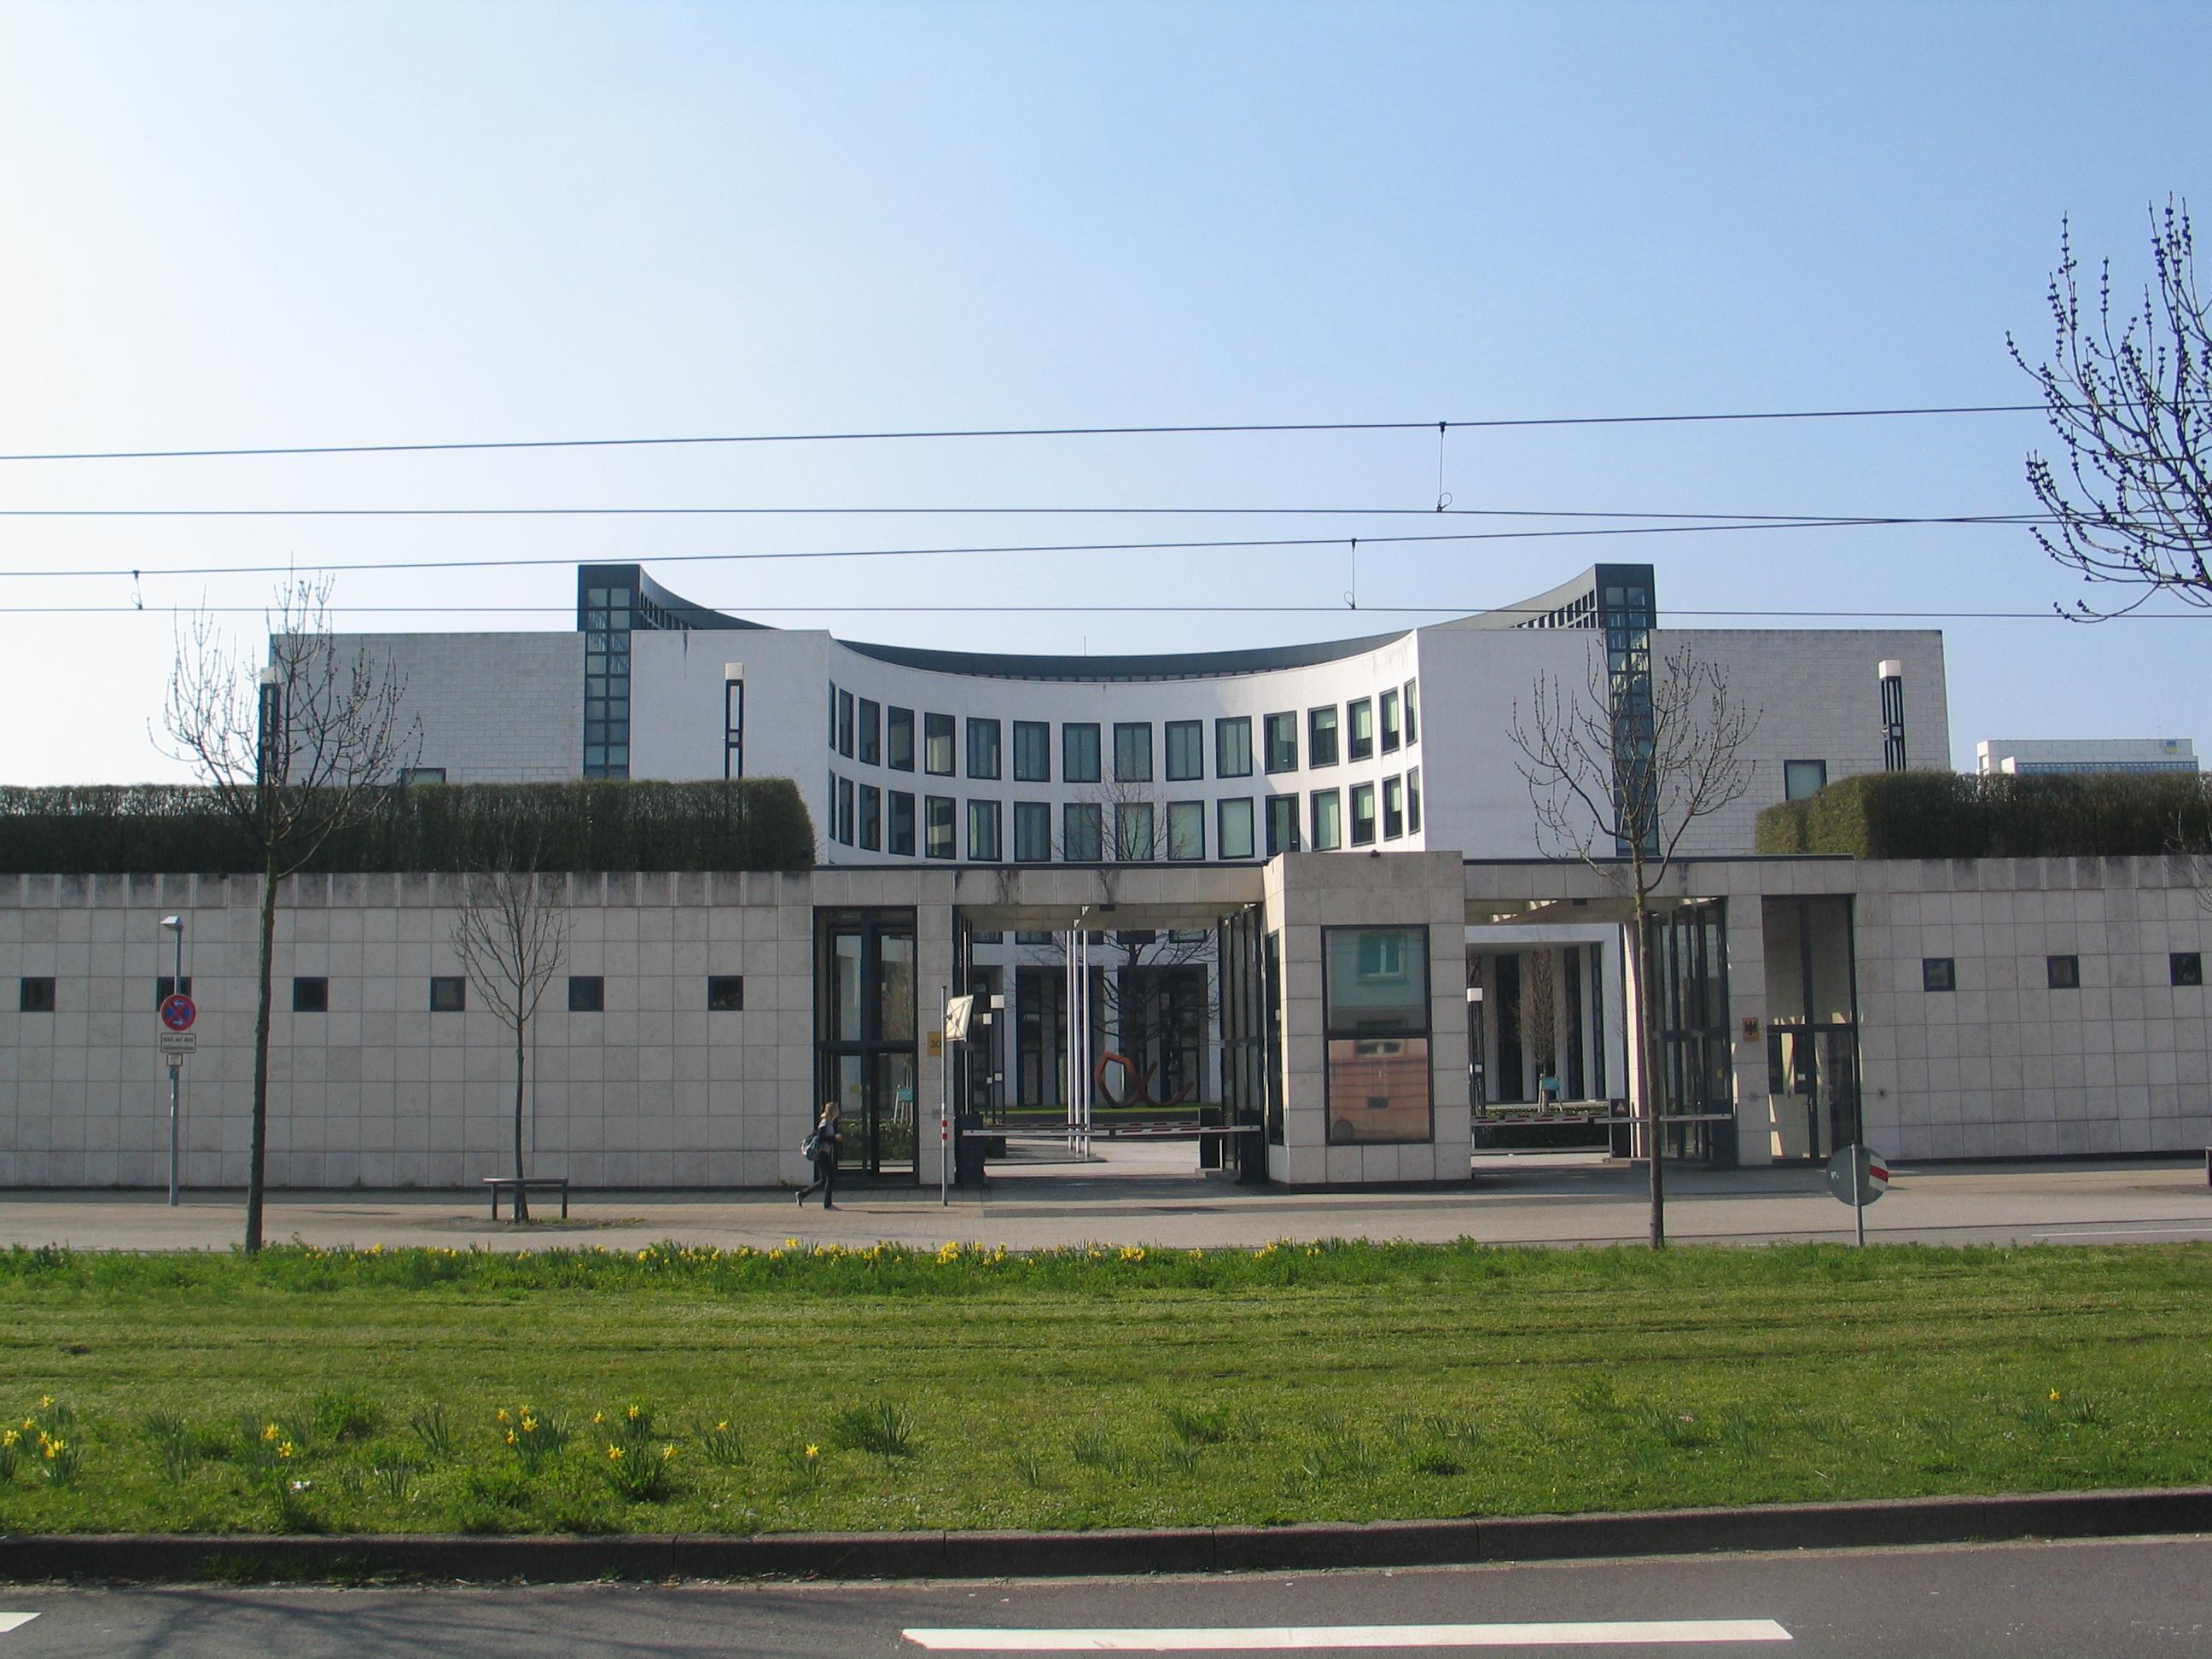 Sitz der Generalbundesanwaltschaft in Karlsruhe. Bild: Voskos. Lizenz: Creative Commons BY 3.0.